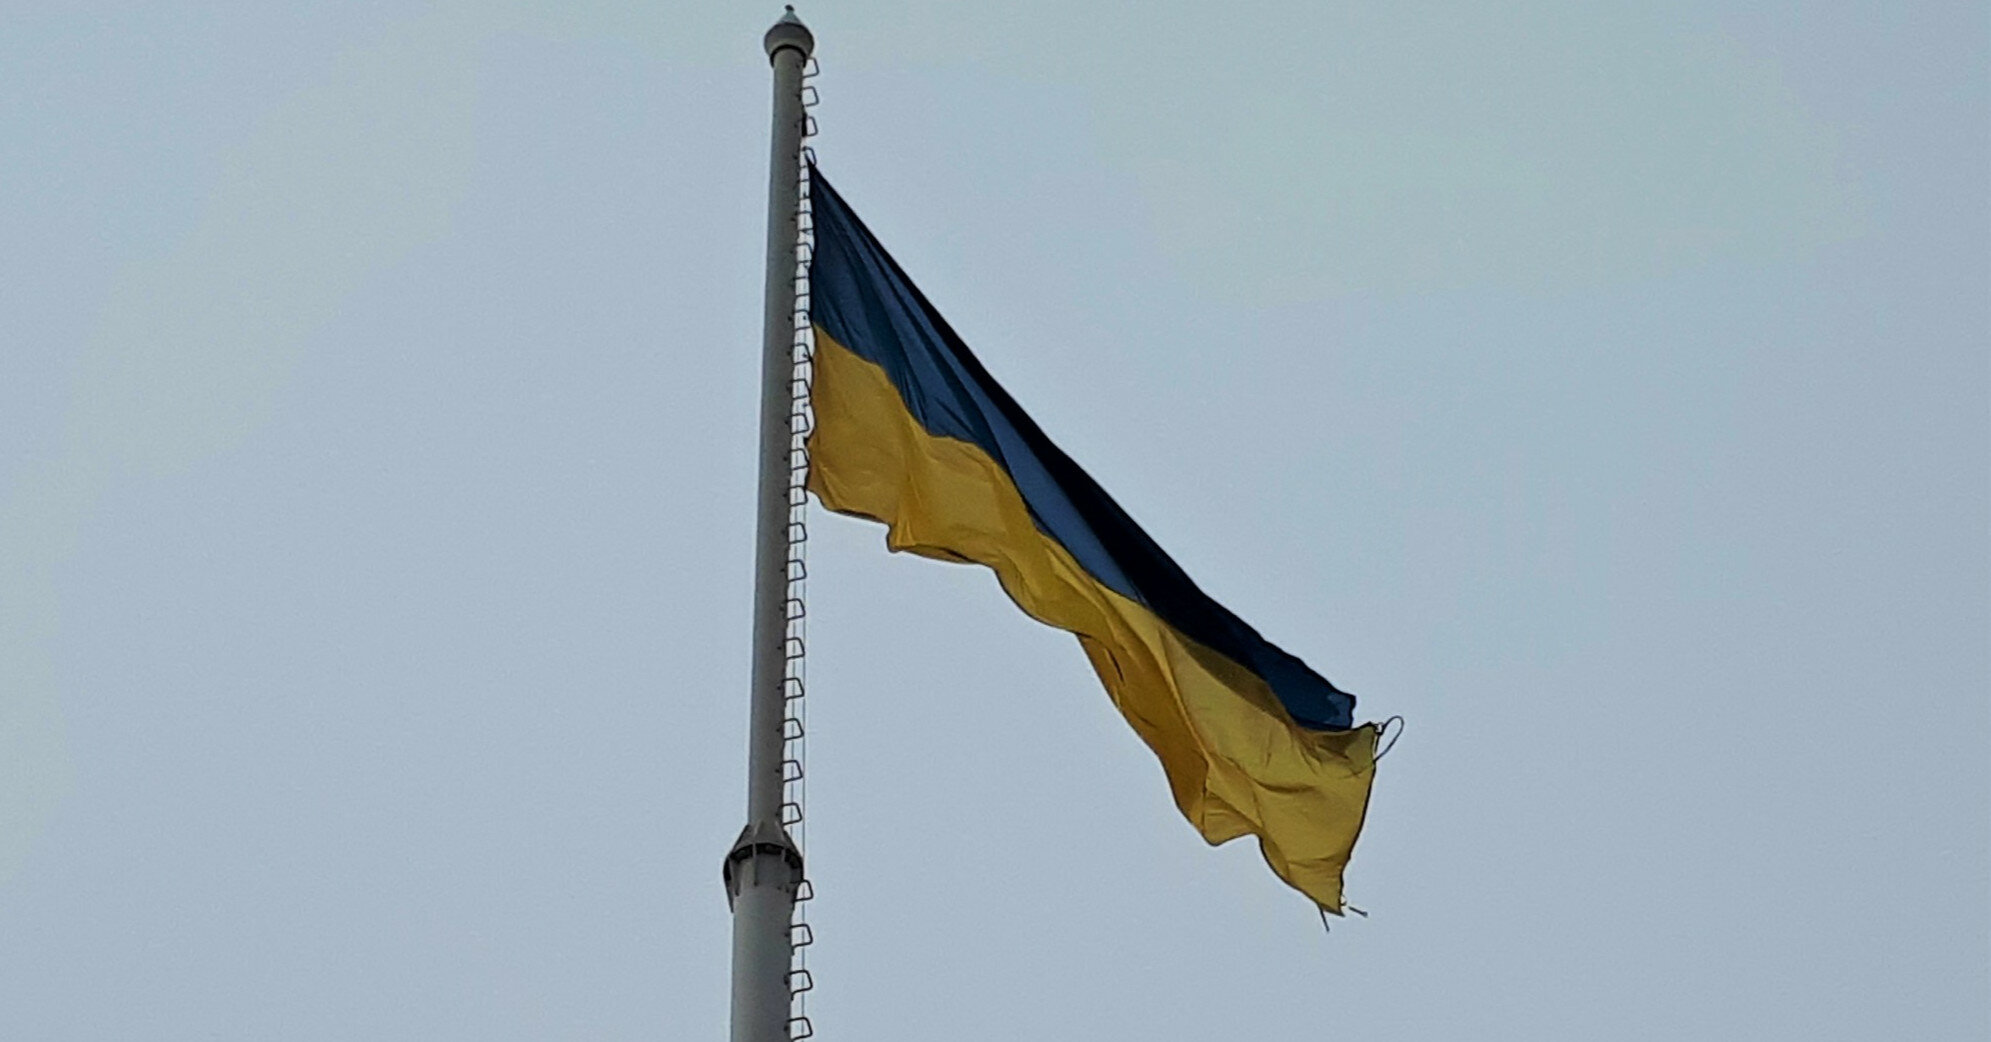 Скільки українців згодні визнати анексію Криму в обмін на мир